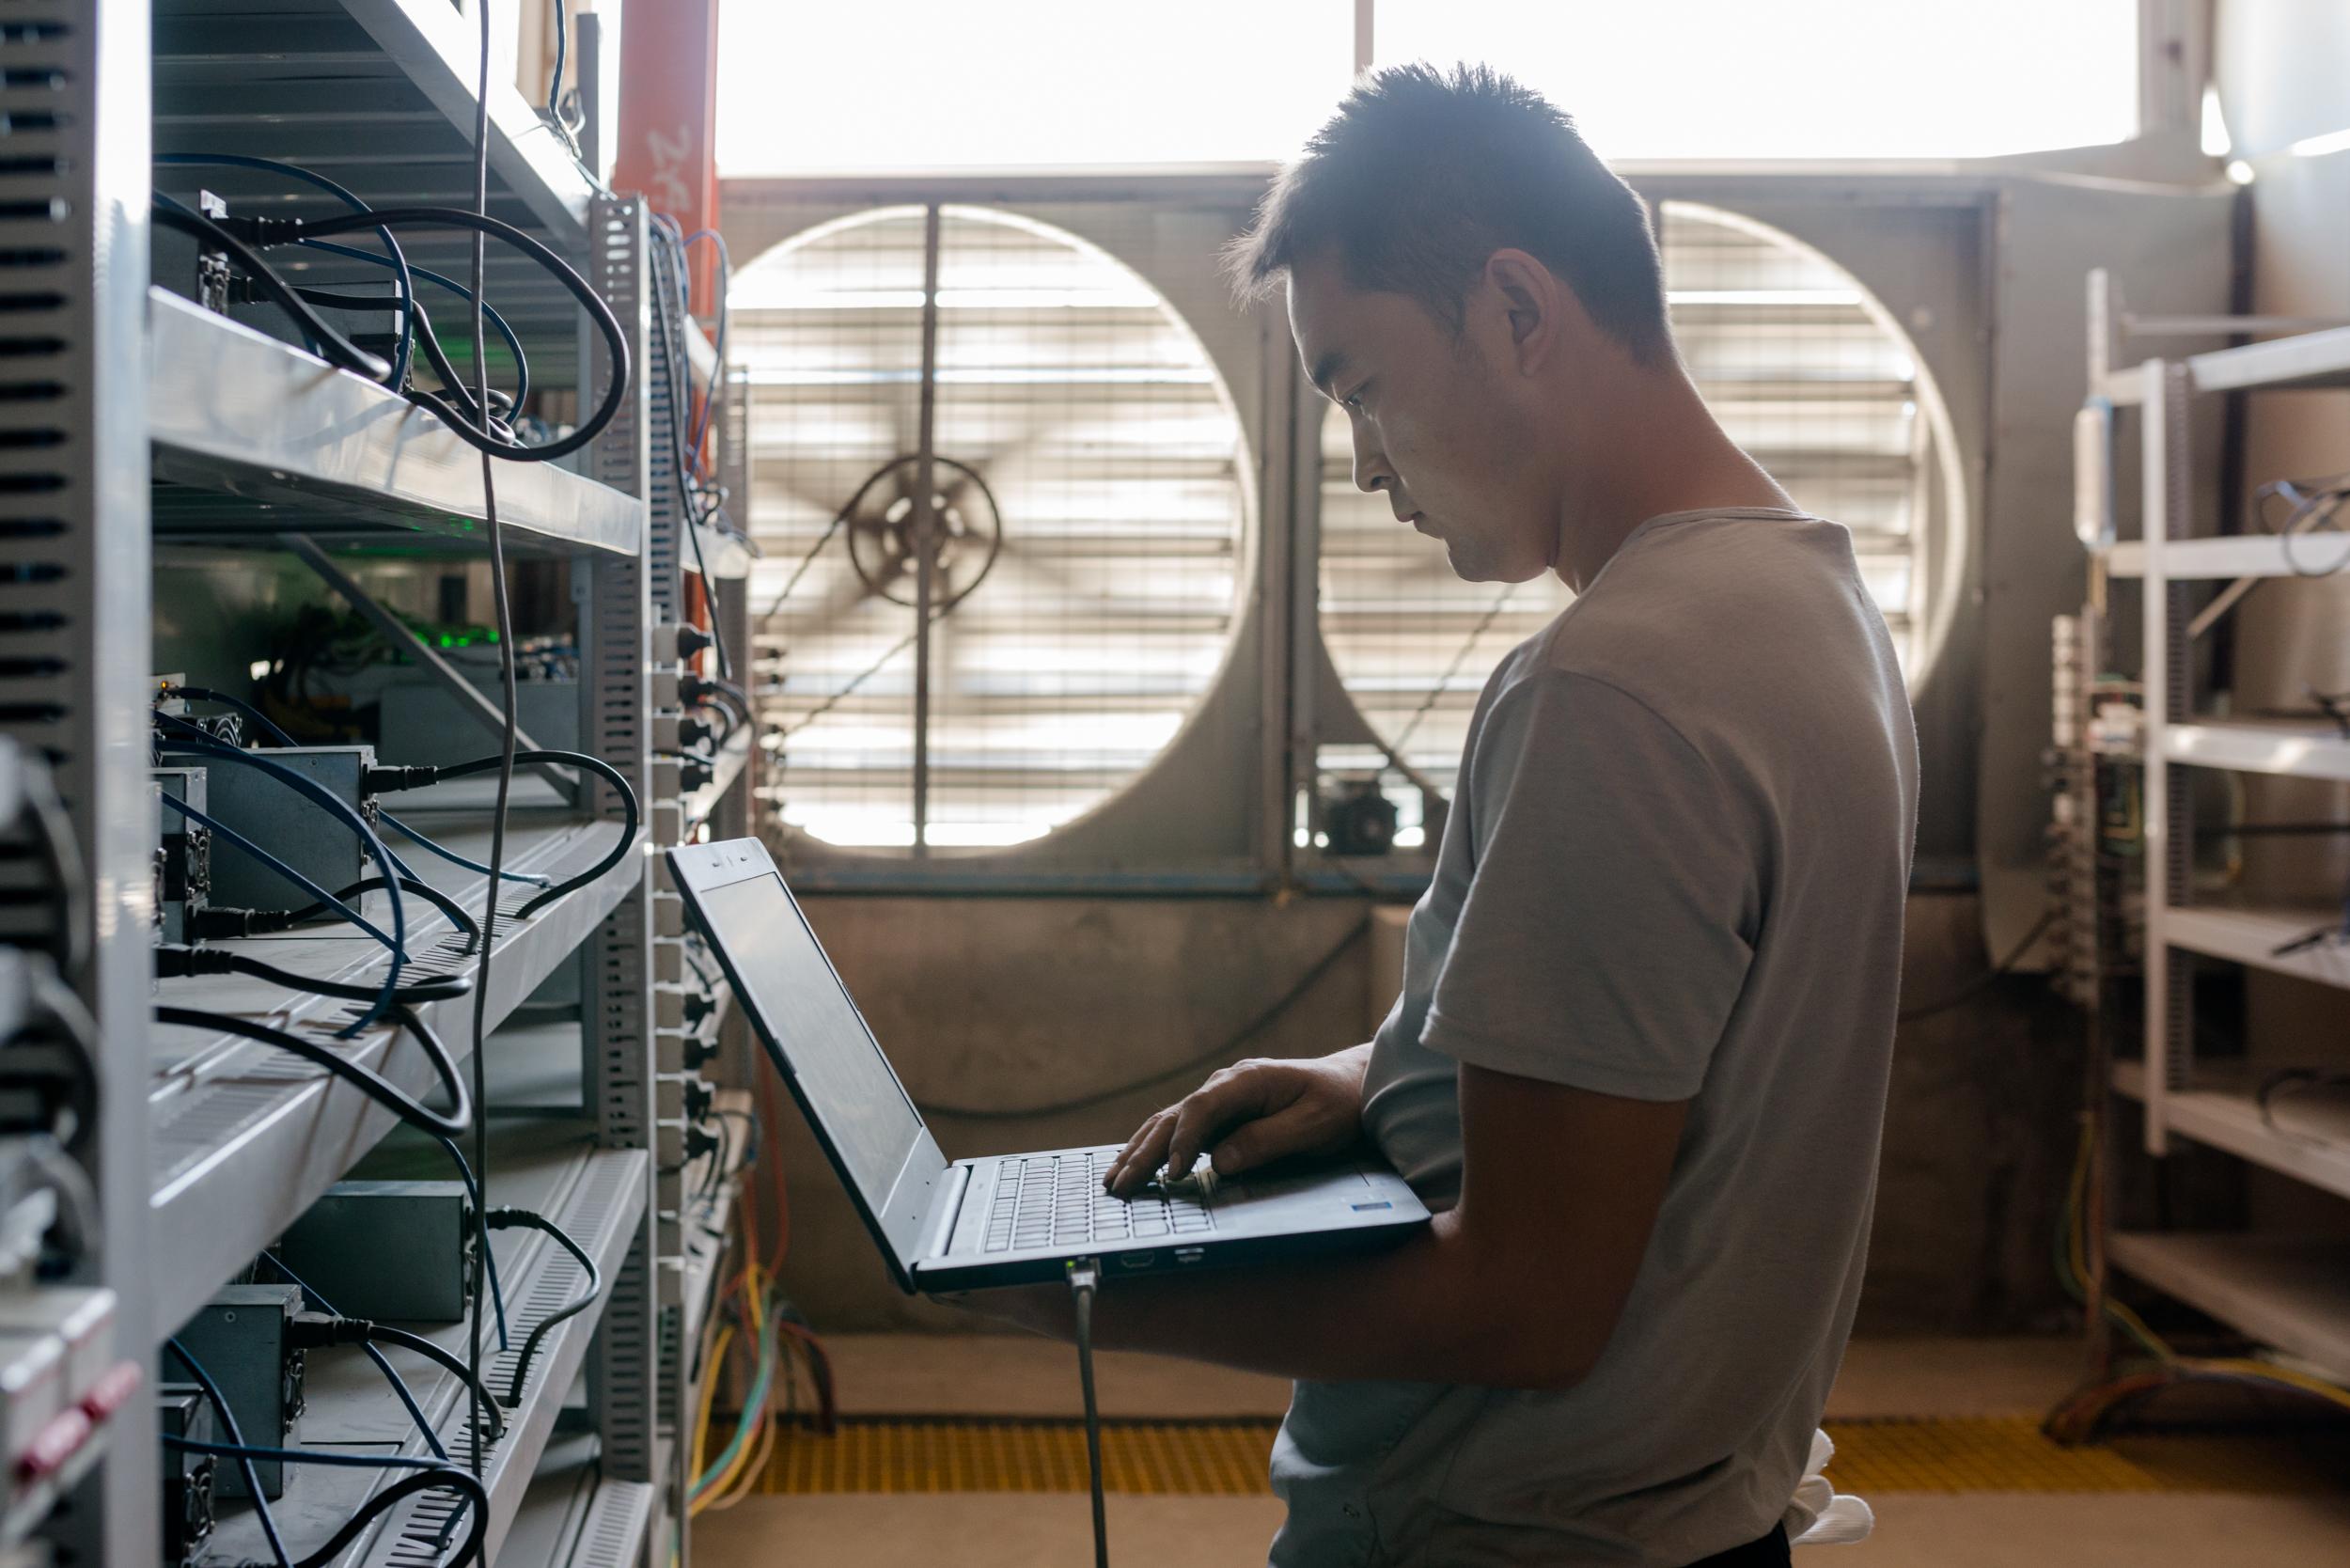 Wuchuan dongsheng mining bitcoins online betting for nfl super bowl